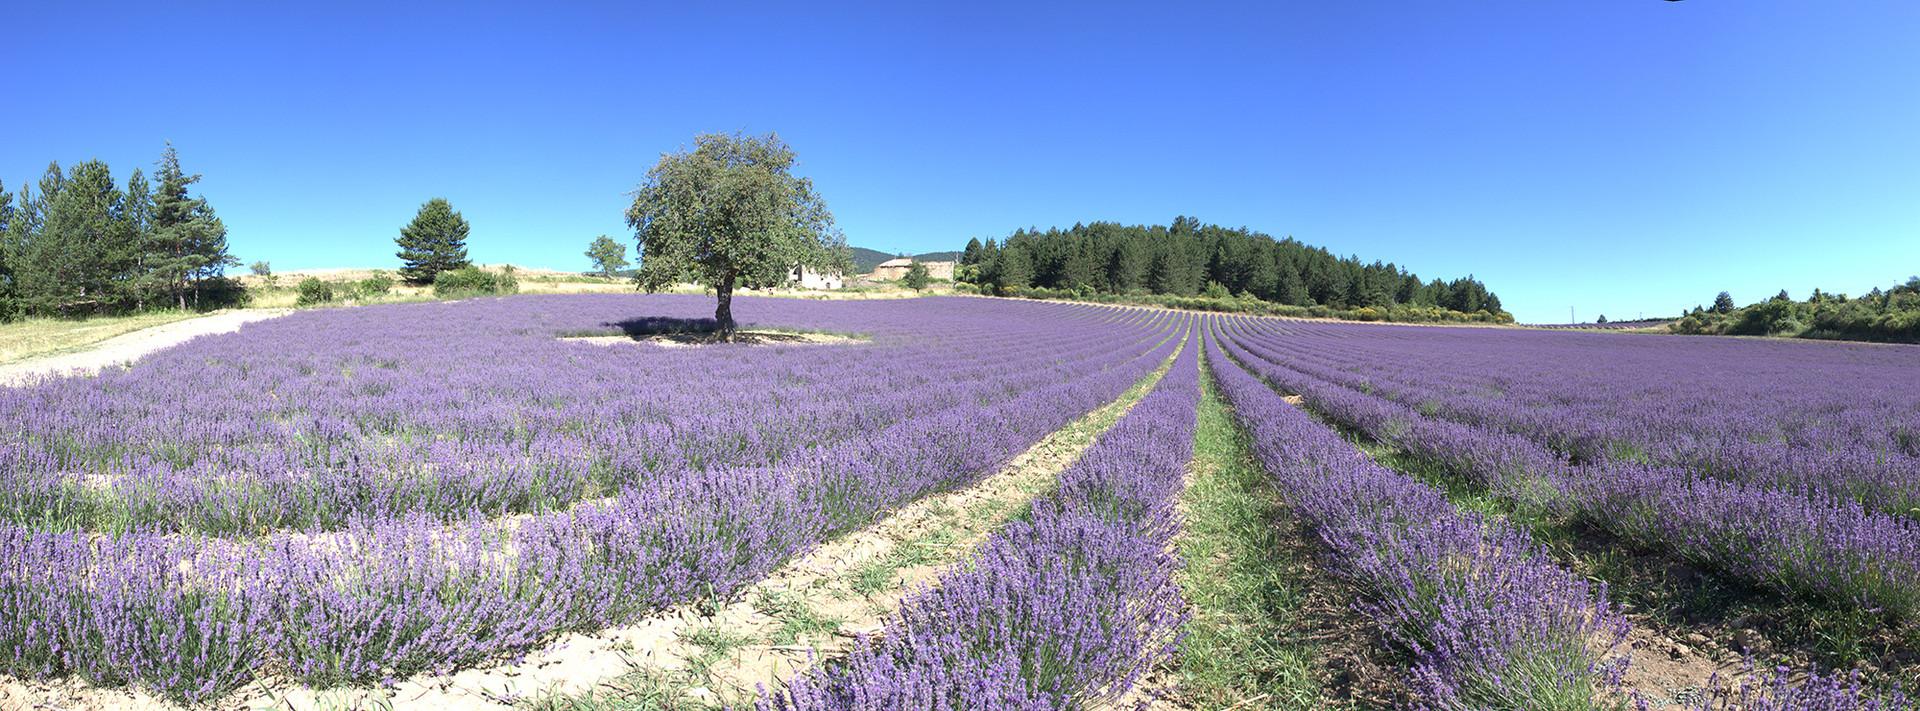 PHOTO Vaucluse lavandes panoramique